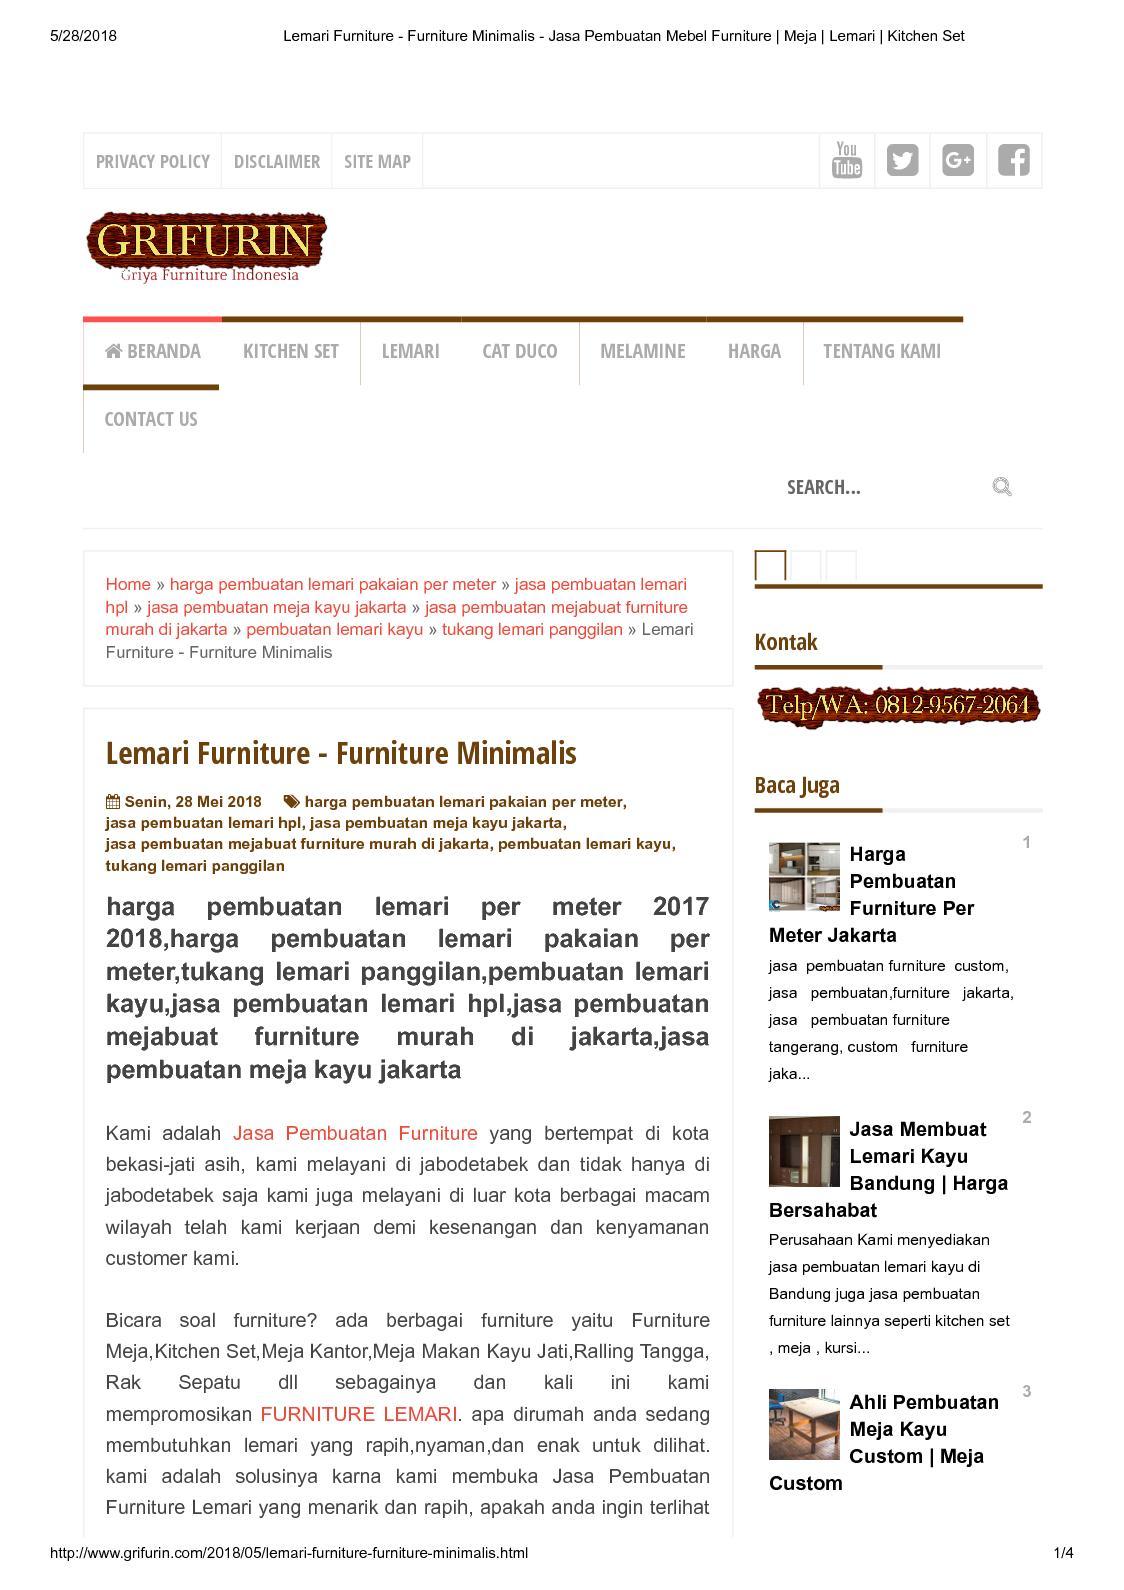 Calaméo lemari furniture furniture minimalis